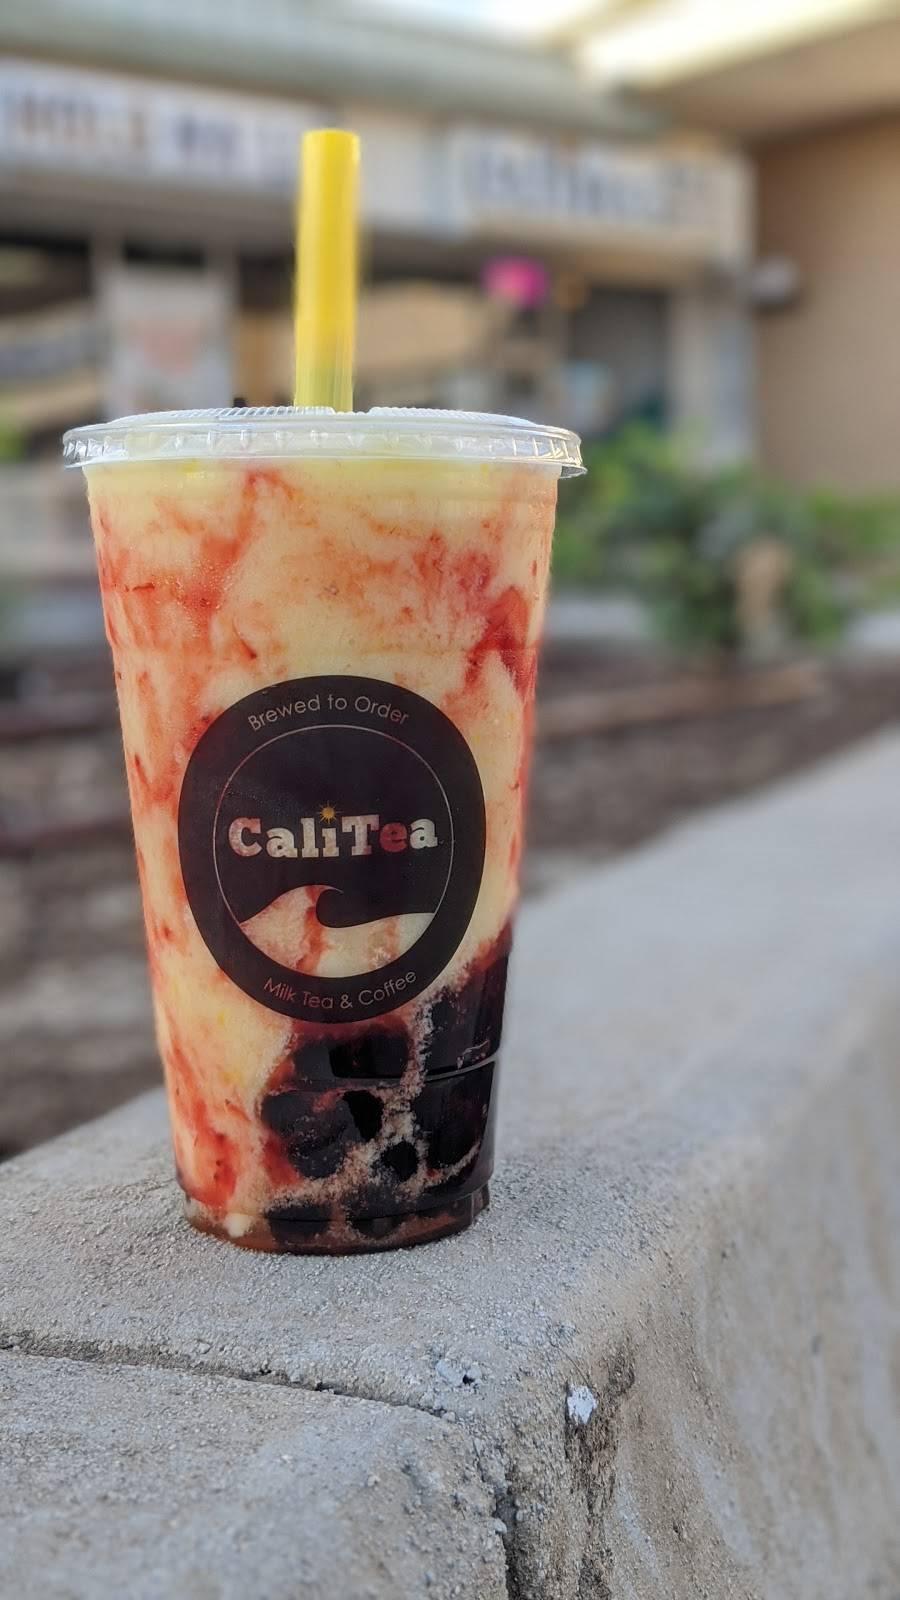 CaliTea - cafe  | Photo 3 of 9 | Address: 10741 South St, Cerritos, CA 90703, USA | Phone: (562) 584-4150